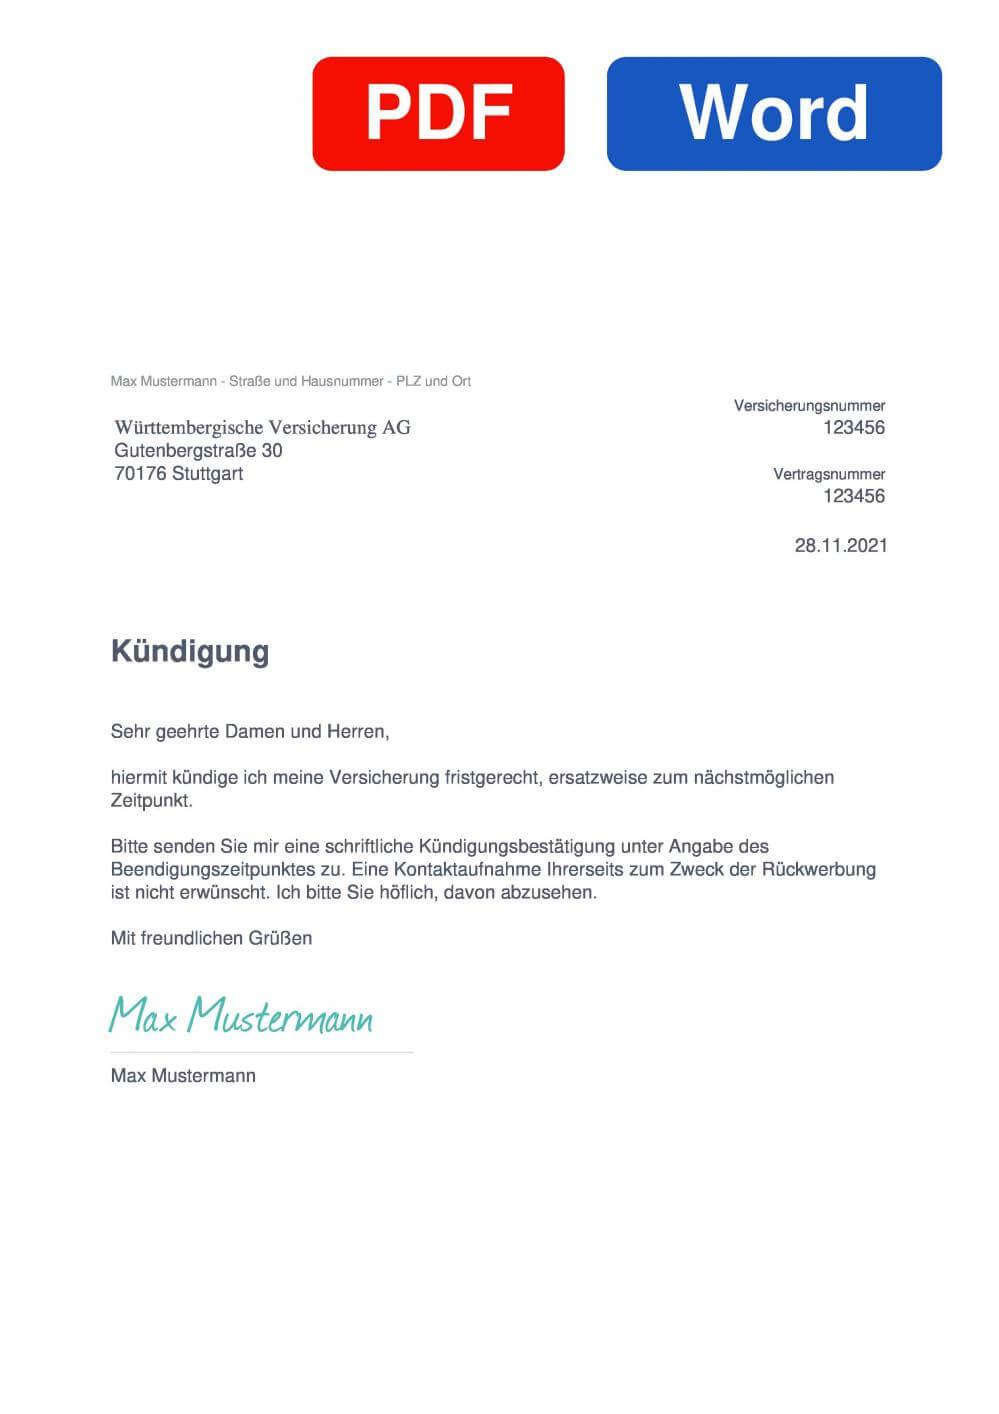 Württembergische Versicherung Muster Vorlage für Kündigungsschreiben